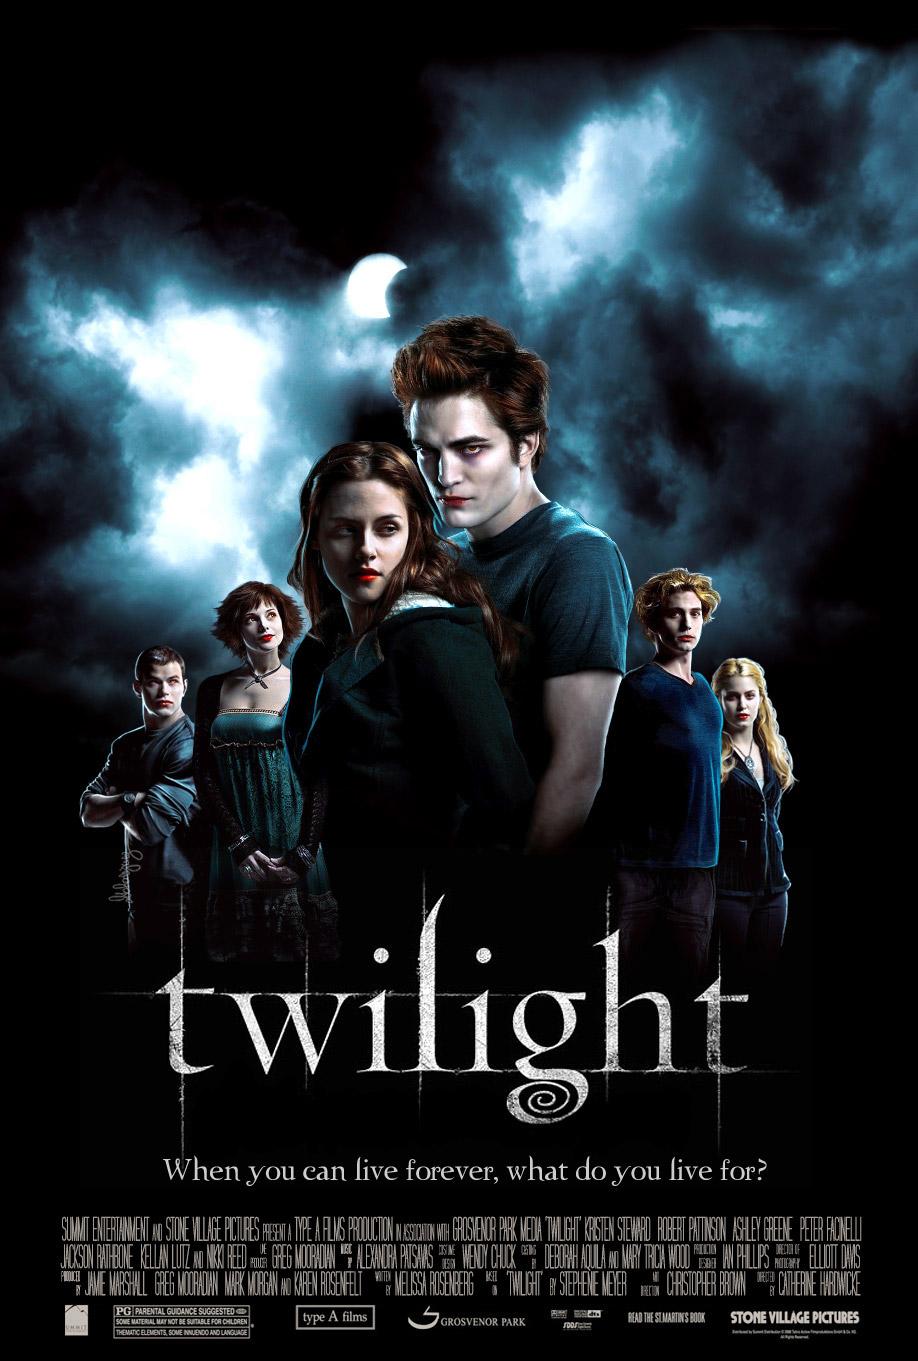 Twilight on movie